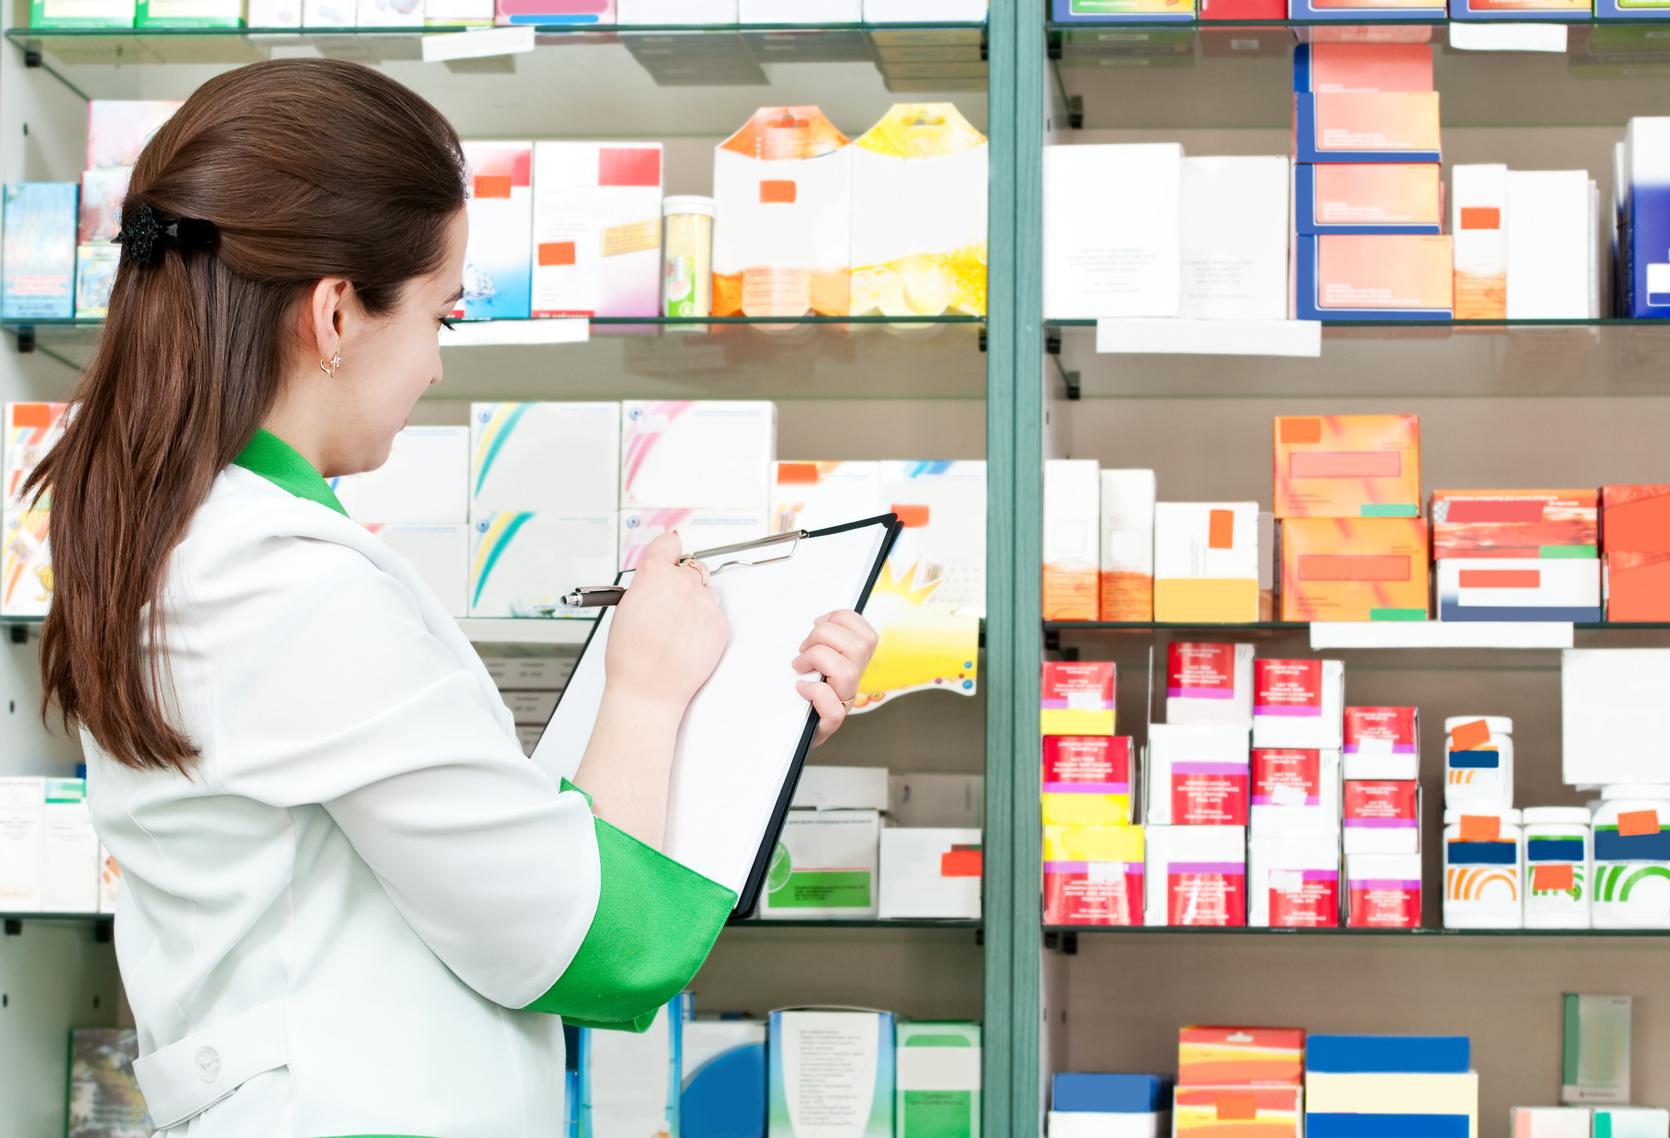 Curso Técnico em Farmácia | Central Pronatec